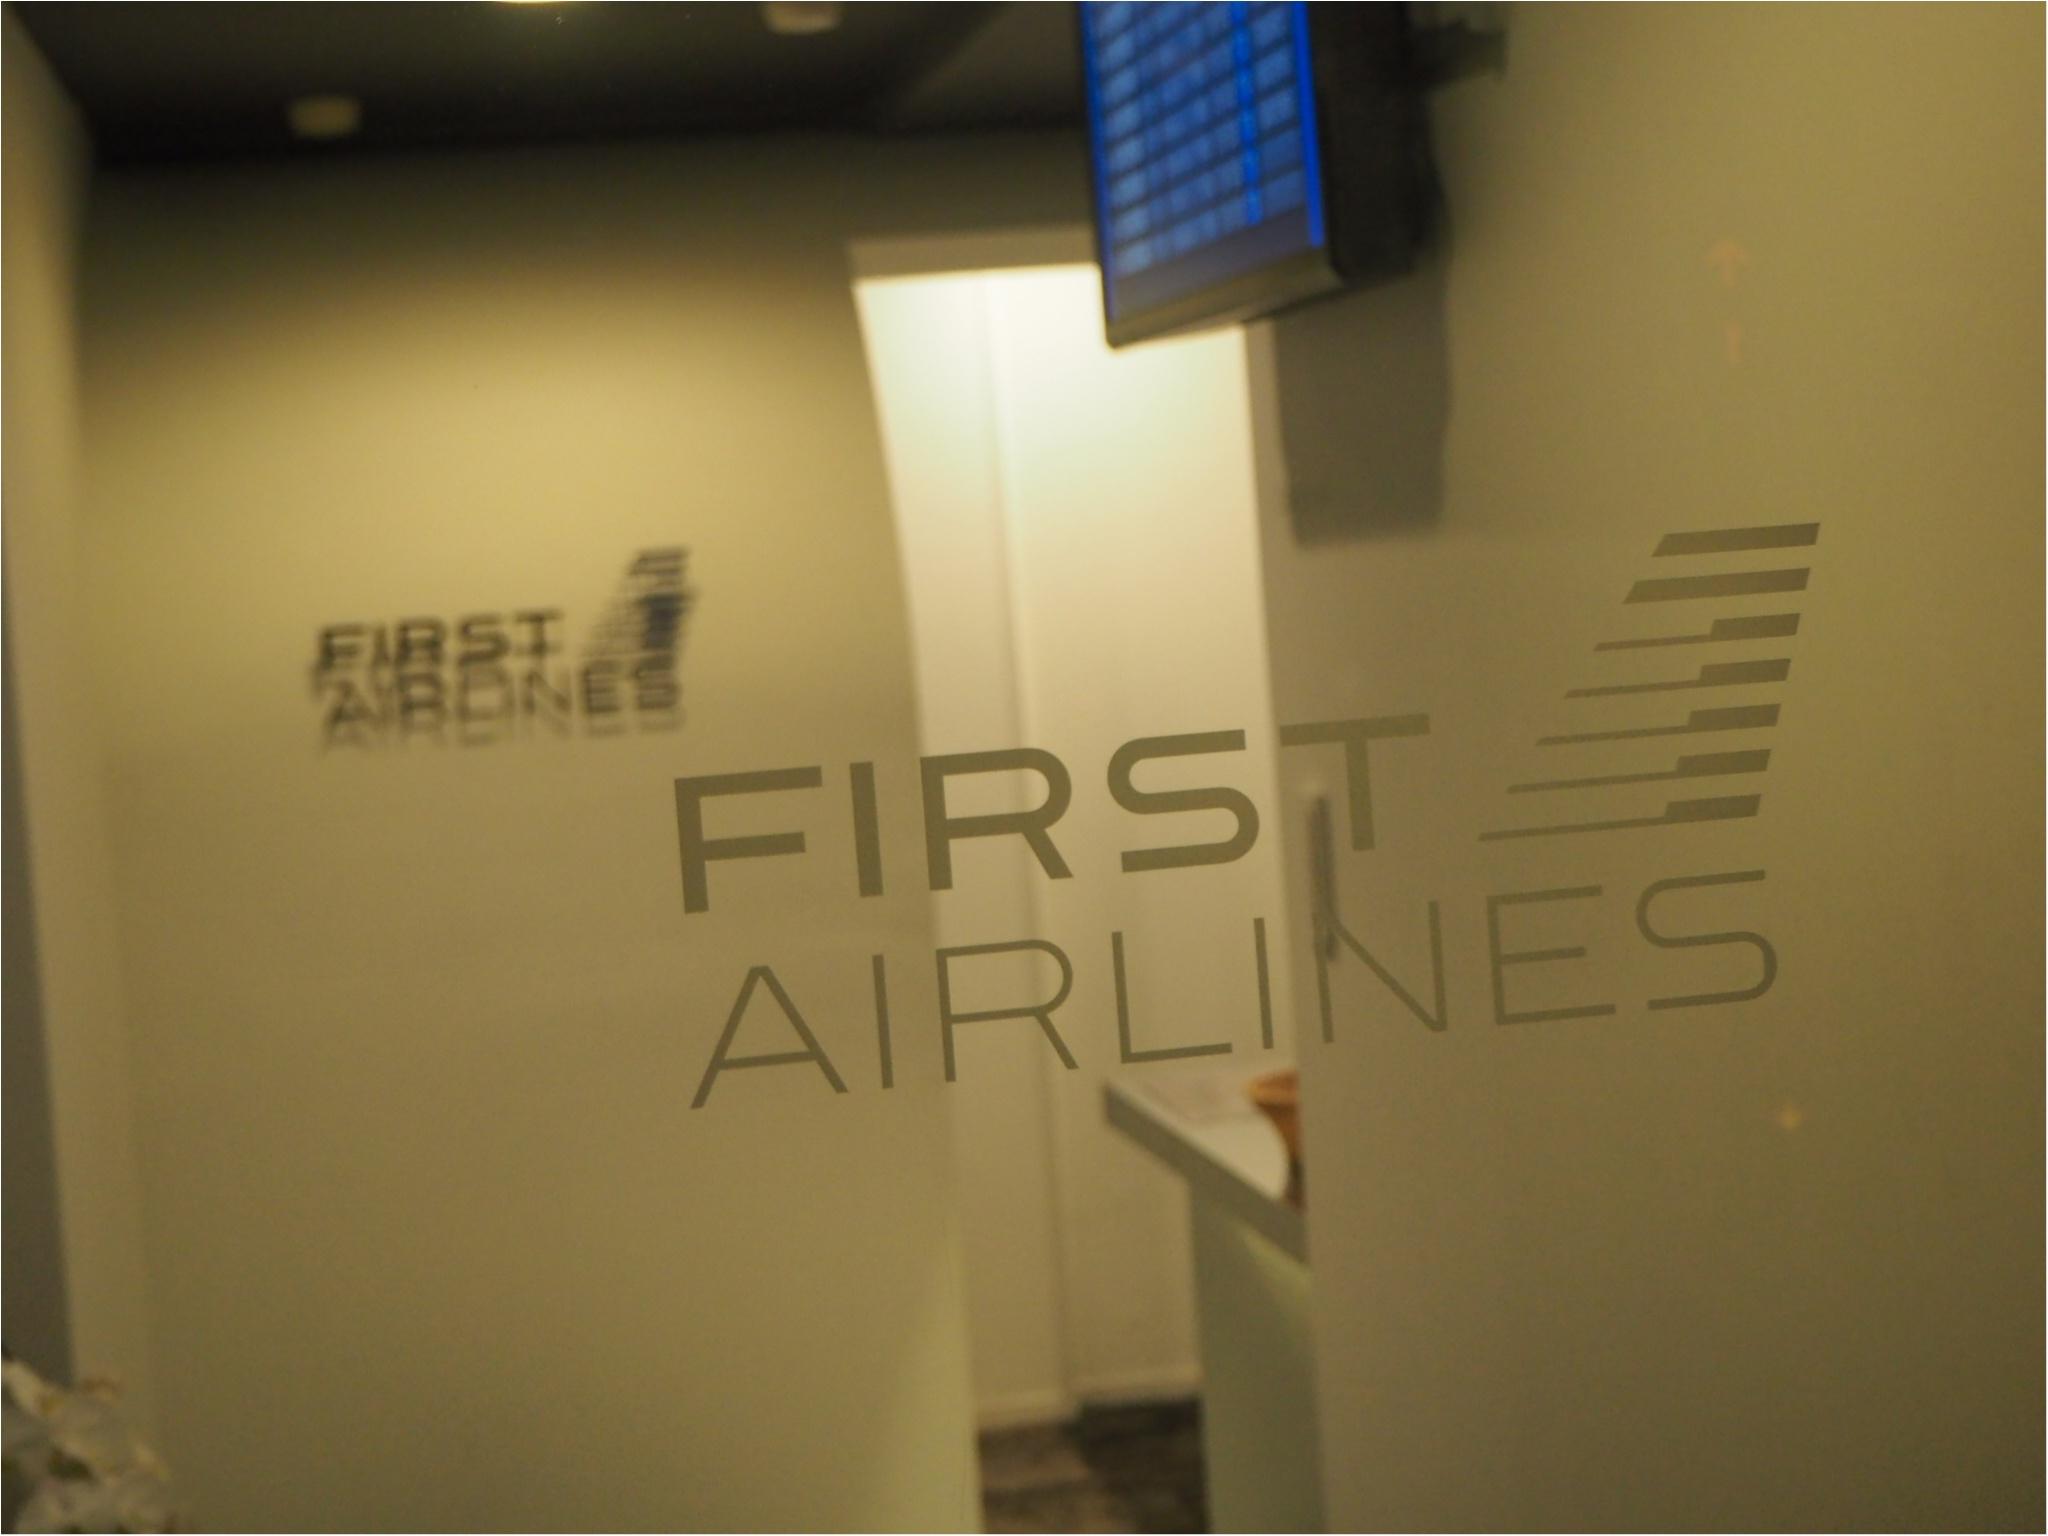 池袋に国際空港ができたらしい?!「FIRST AIRLINES」で行く空の旅へ_2